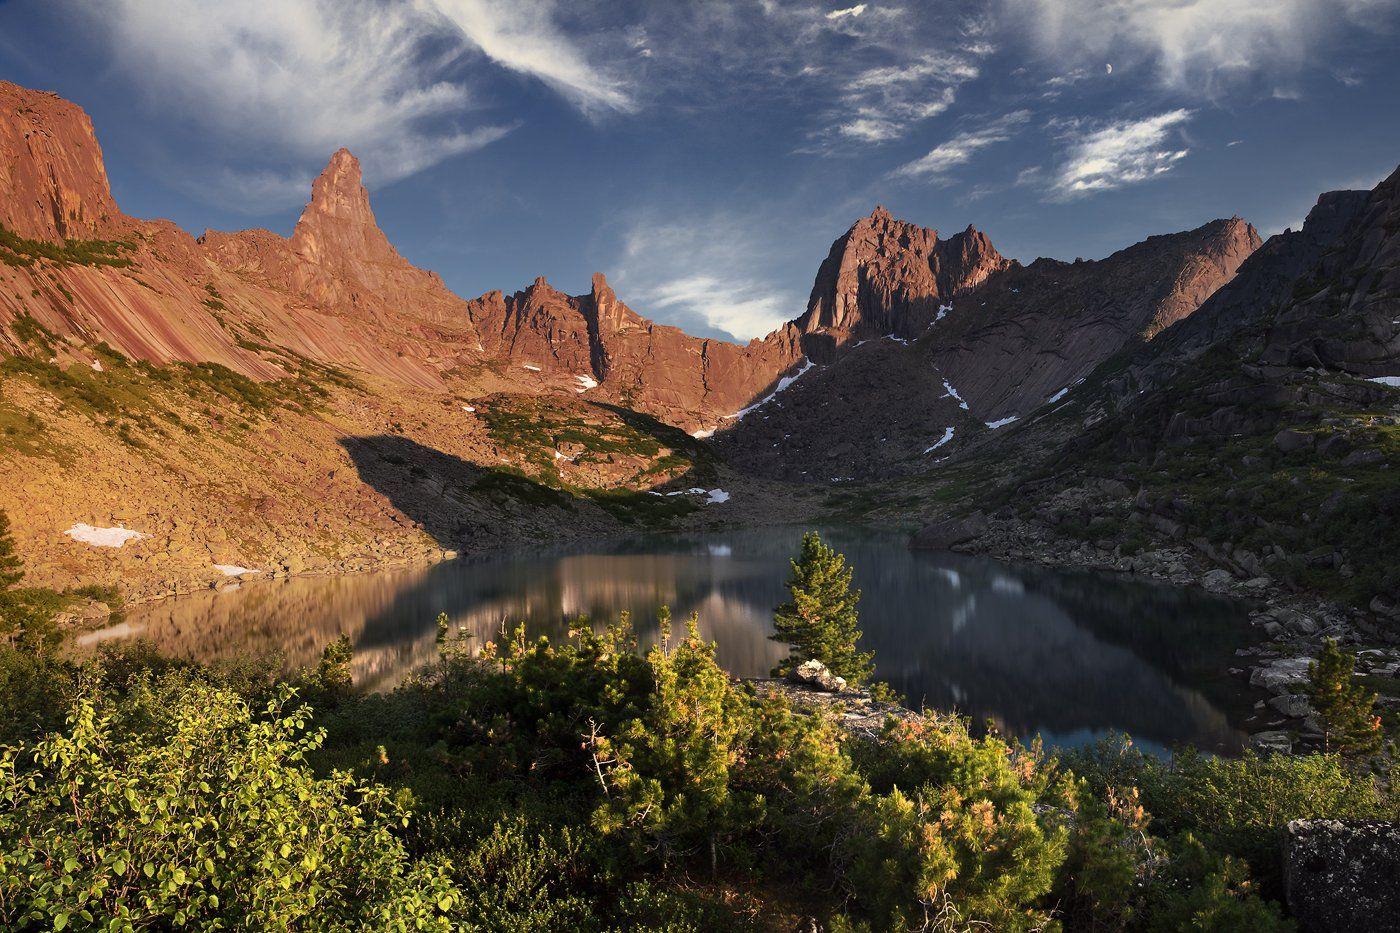 большой, вечер, вода, высокий, голубой, горы, дерево, ергаки, желтый, закат, зеленый, камни, красивый, красноярский край, озеро, оранжевый, отражение, пейзаж, природа, путешествие, размер, разрешение, саяны, сибирь, синий, скалы, Дмитрий Антипов